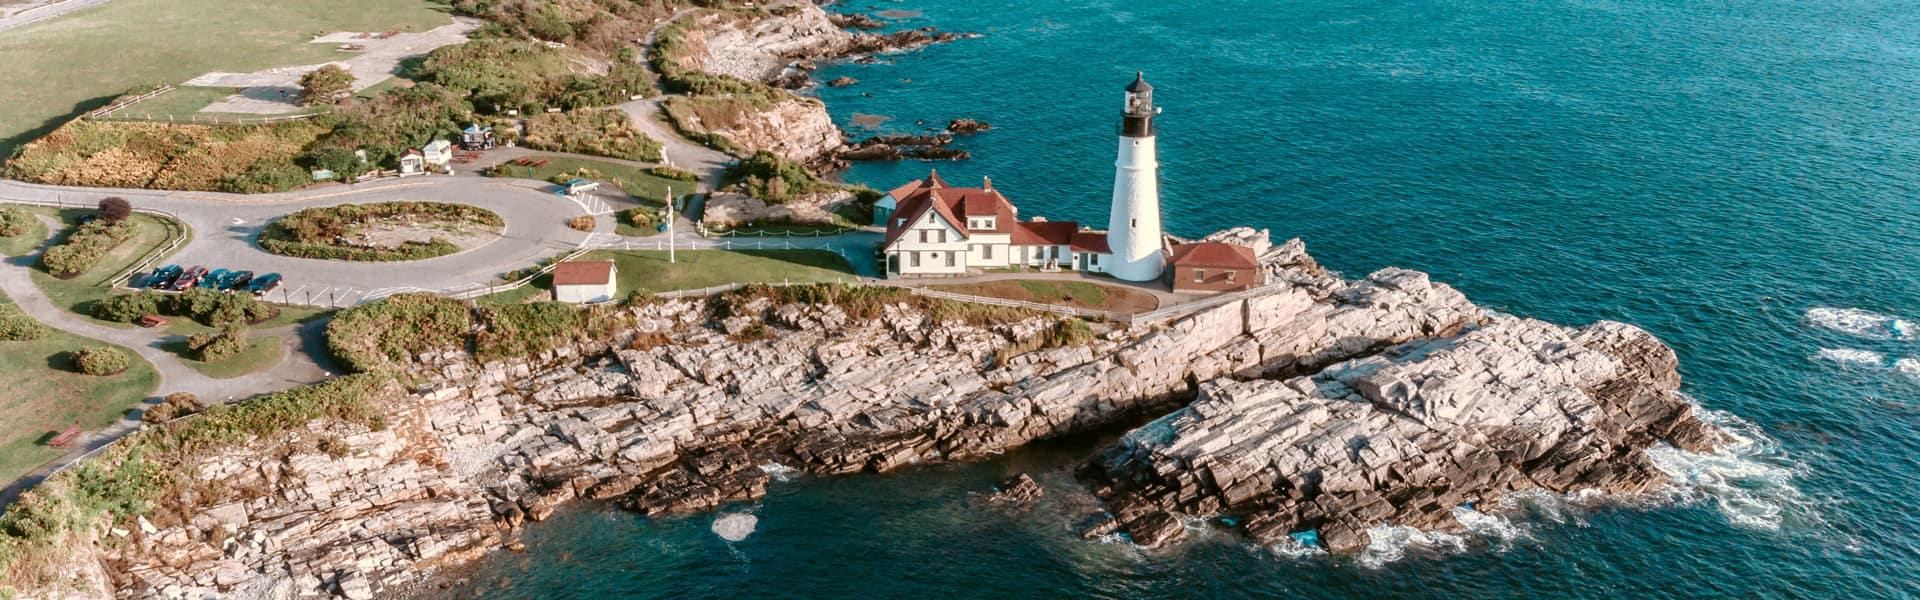 Canada & New England: Portland & Boston